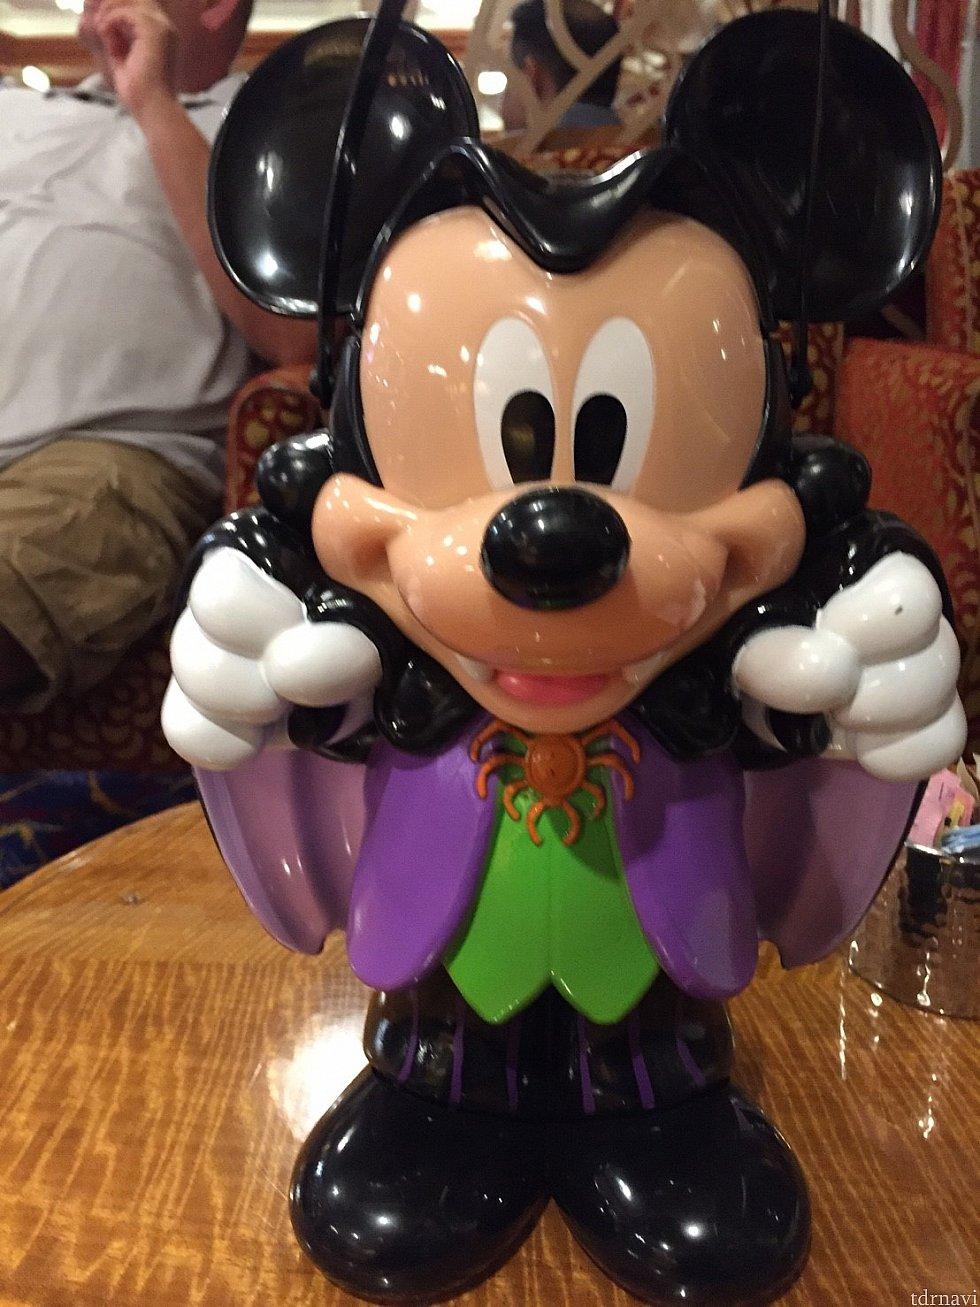 ハロウィン仕様のミッキーのポップコーンバケツ